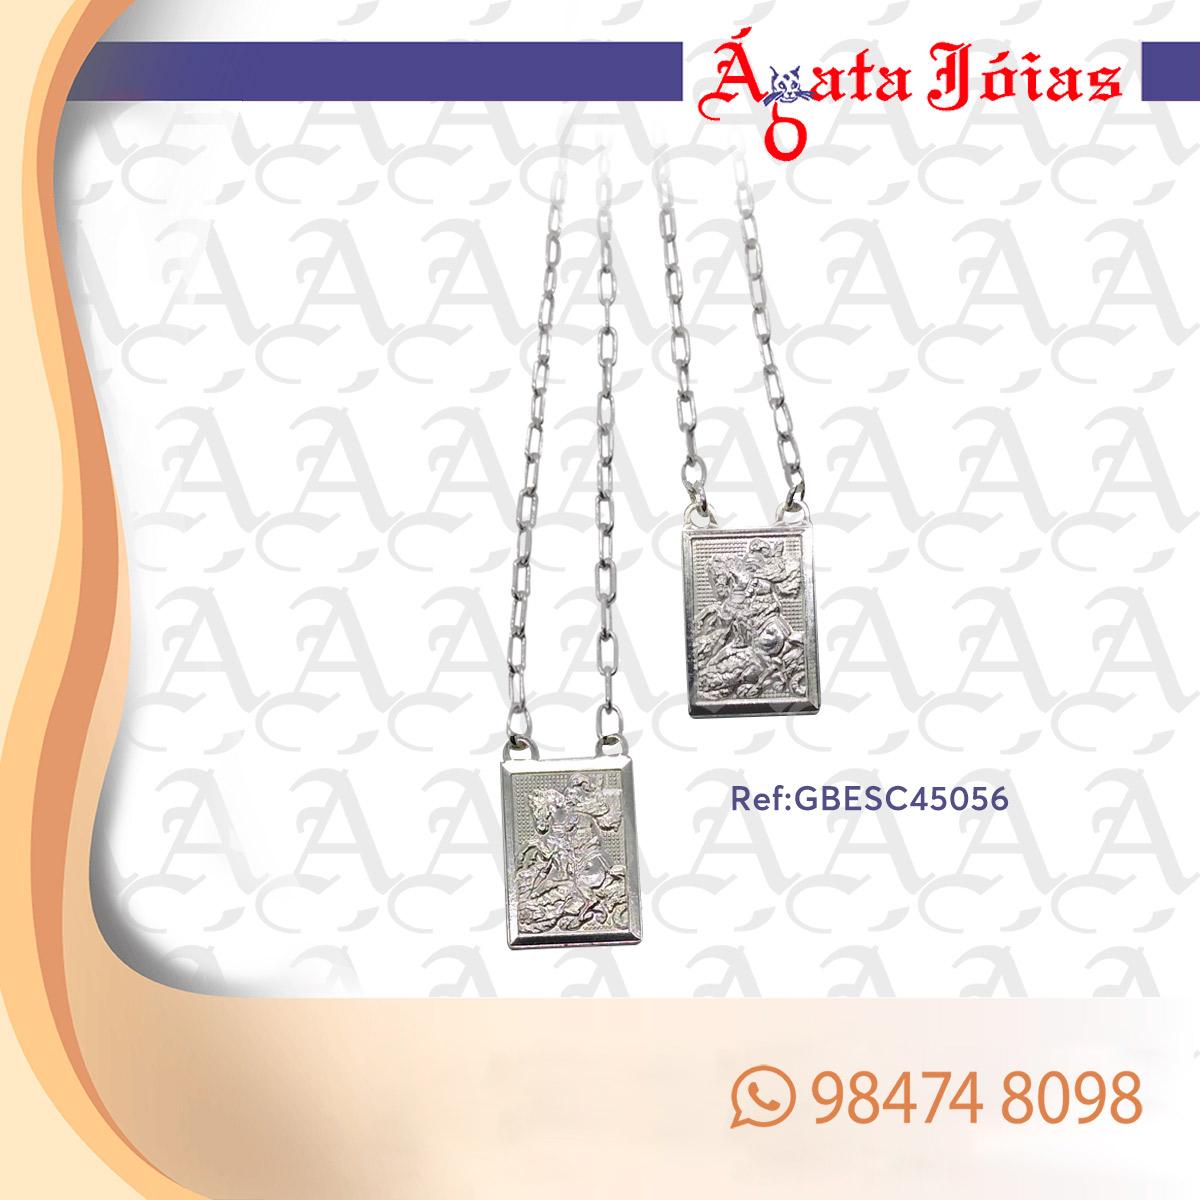 GBESC45056